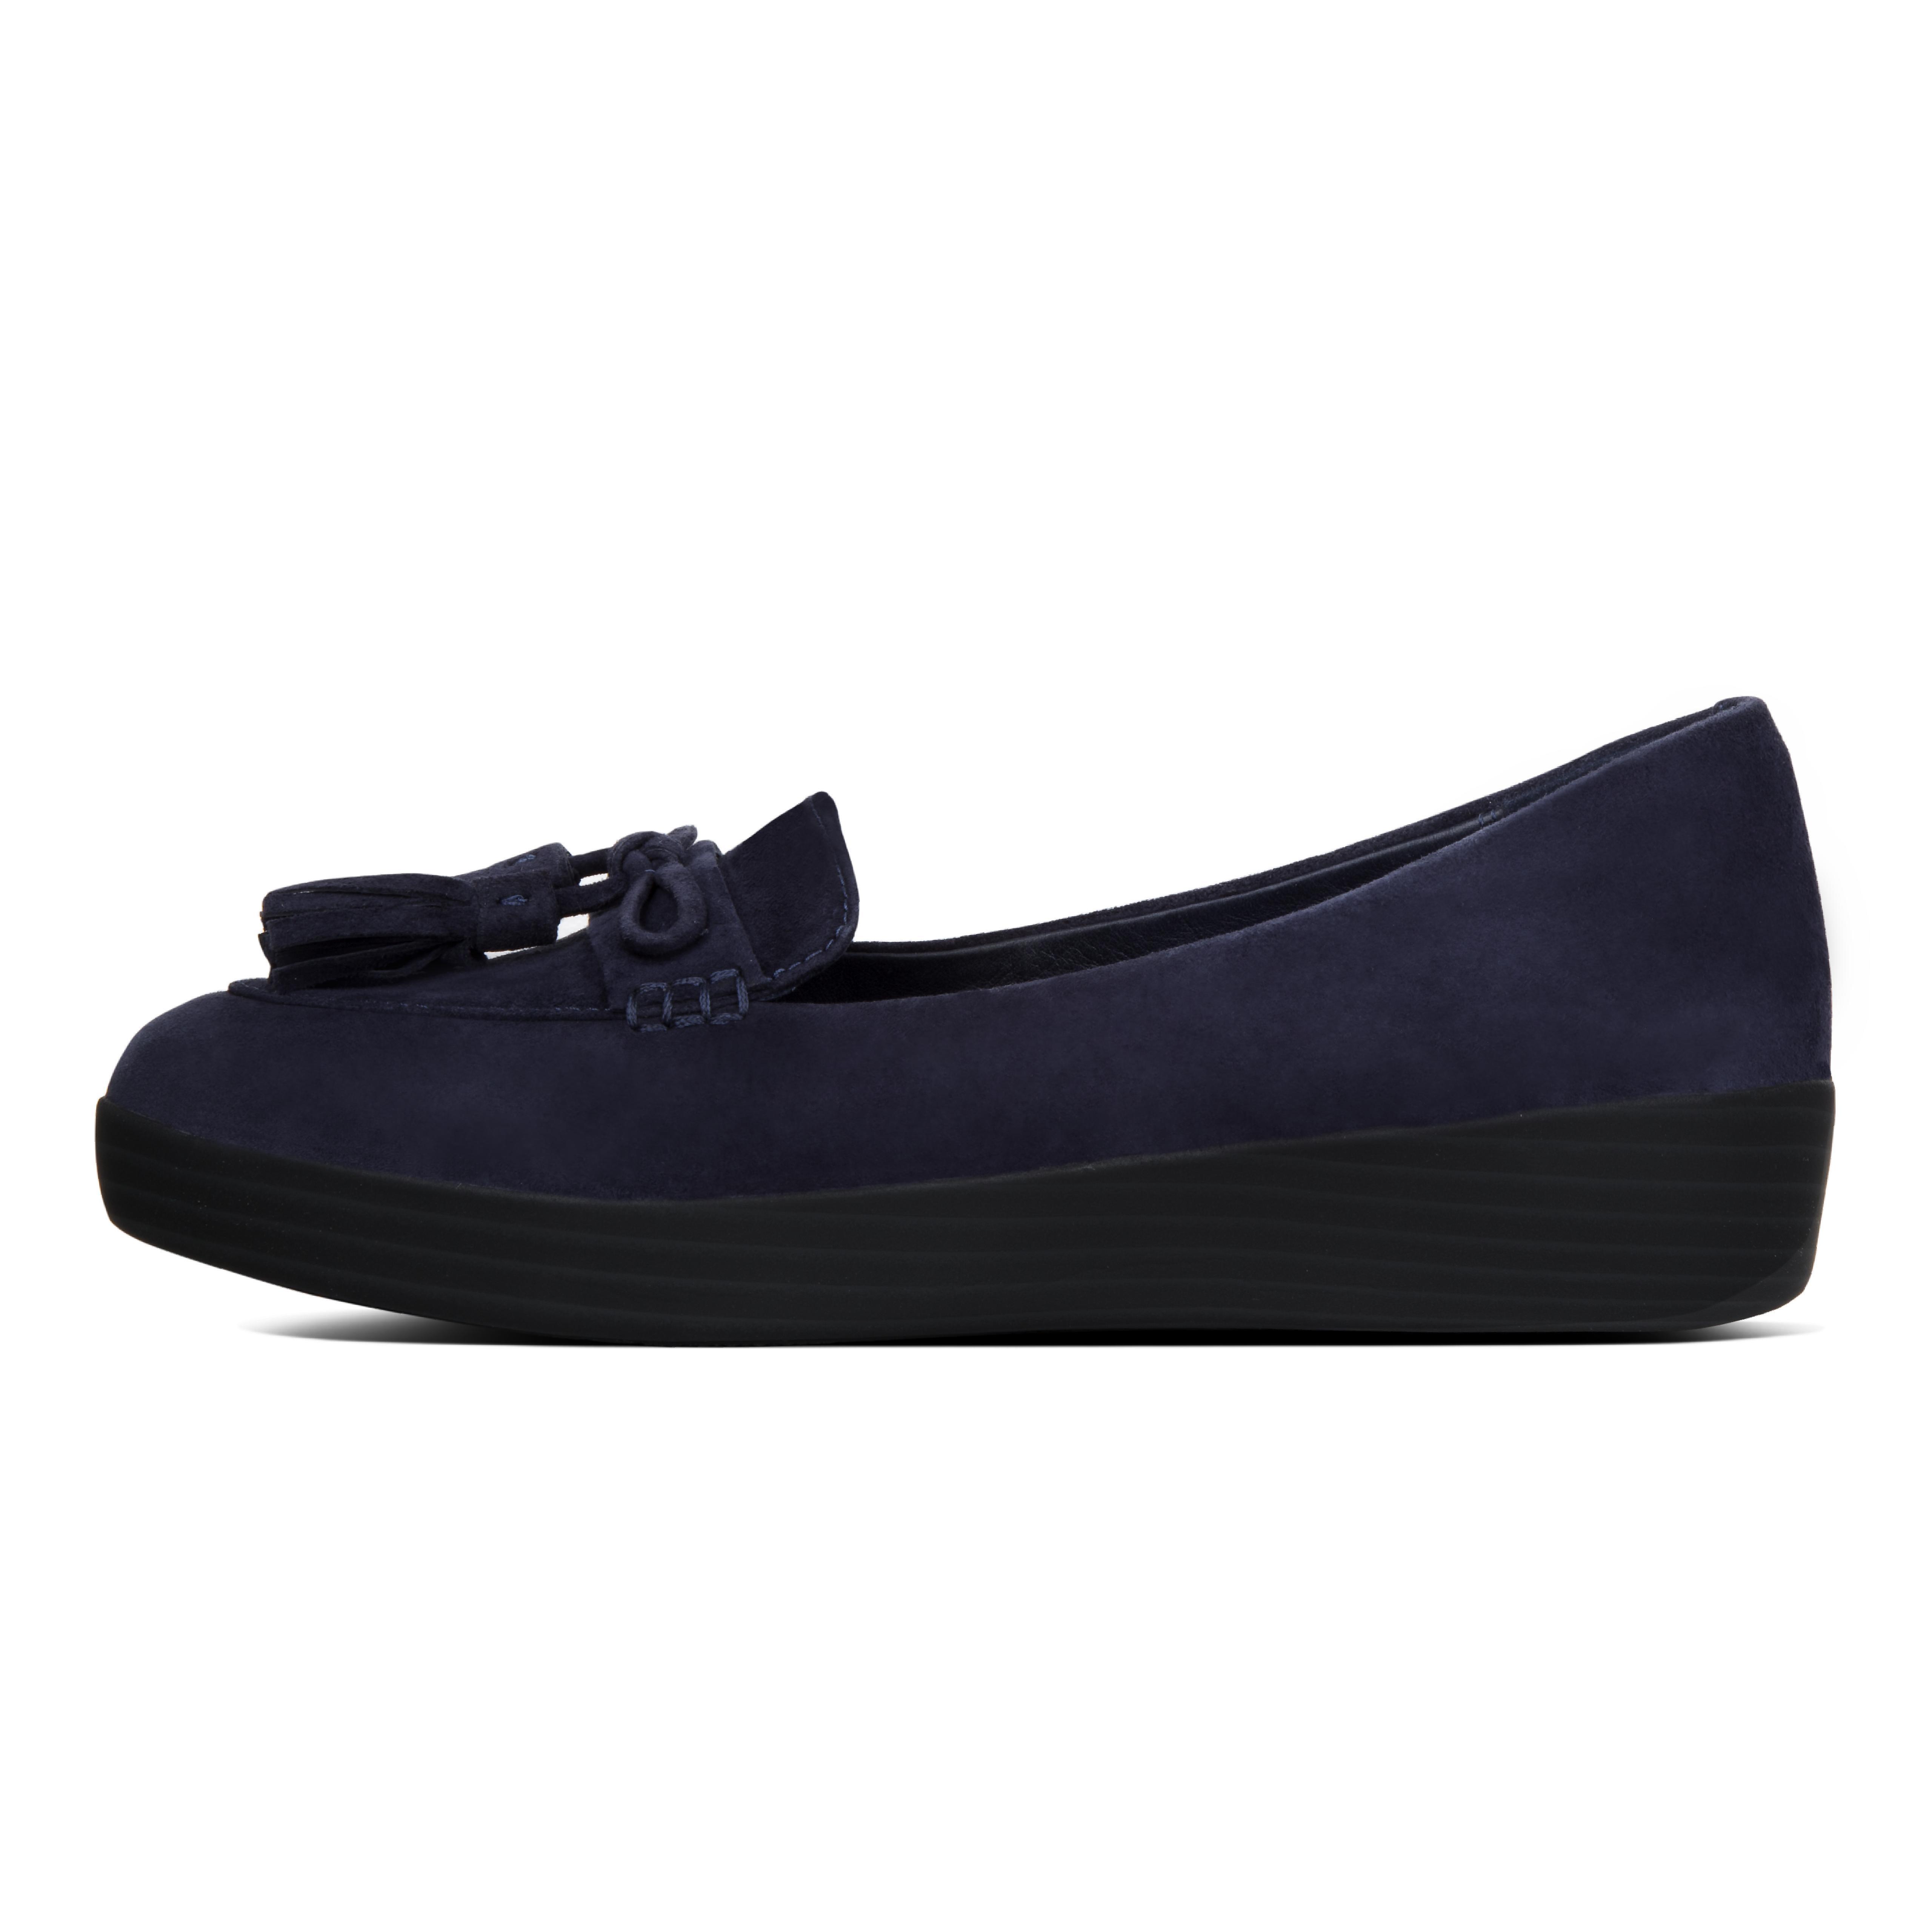 DIMAOL Chaussures Femmes de Réconfort Printemps Été Toison Talon Talons Bout Pointu Pour Partie & Robe de Soirée Rouge Vert Noir Gris Vert Fringey Sneakerloafer - Midnight Navy Patent US9.5-10/EU41/UK7.5-8/CN42  US6.5-7/EU37/UK4 Black i3o6Ui